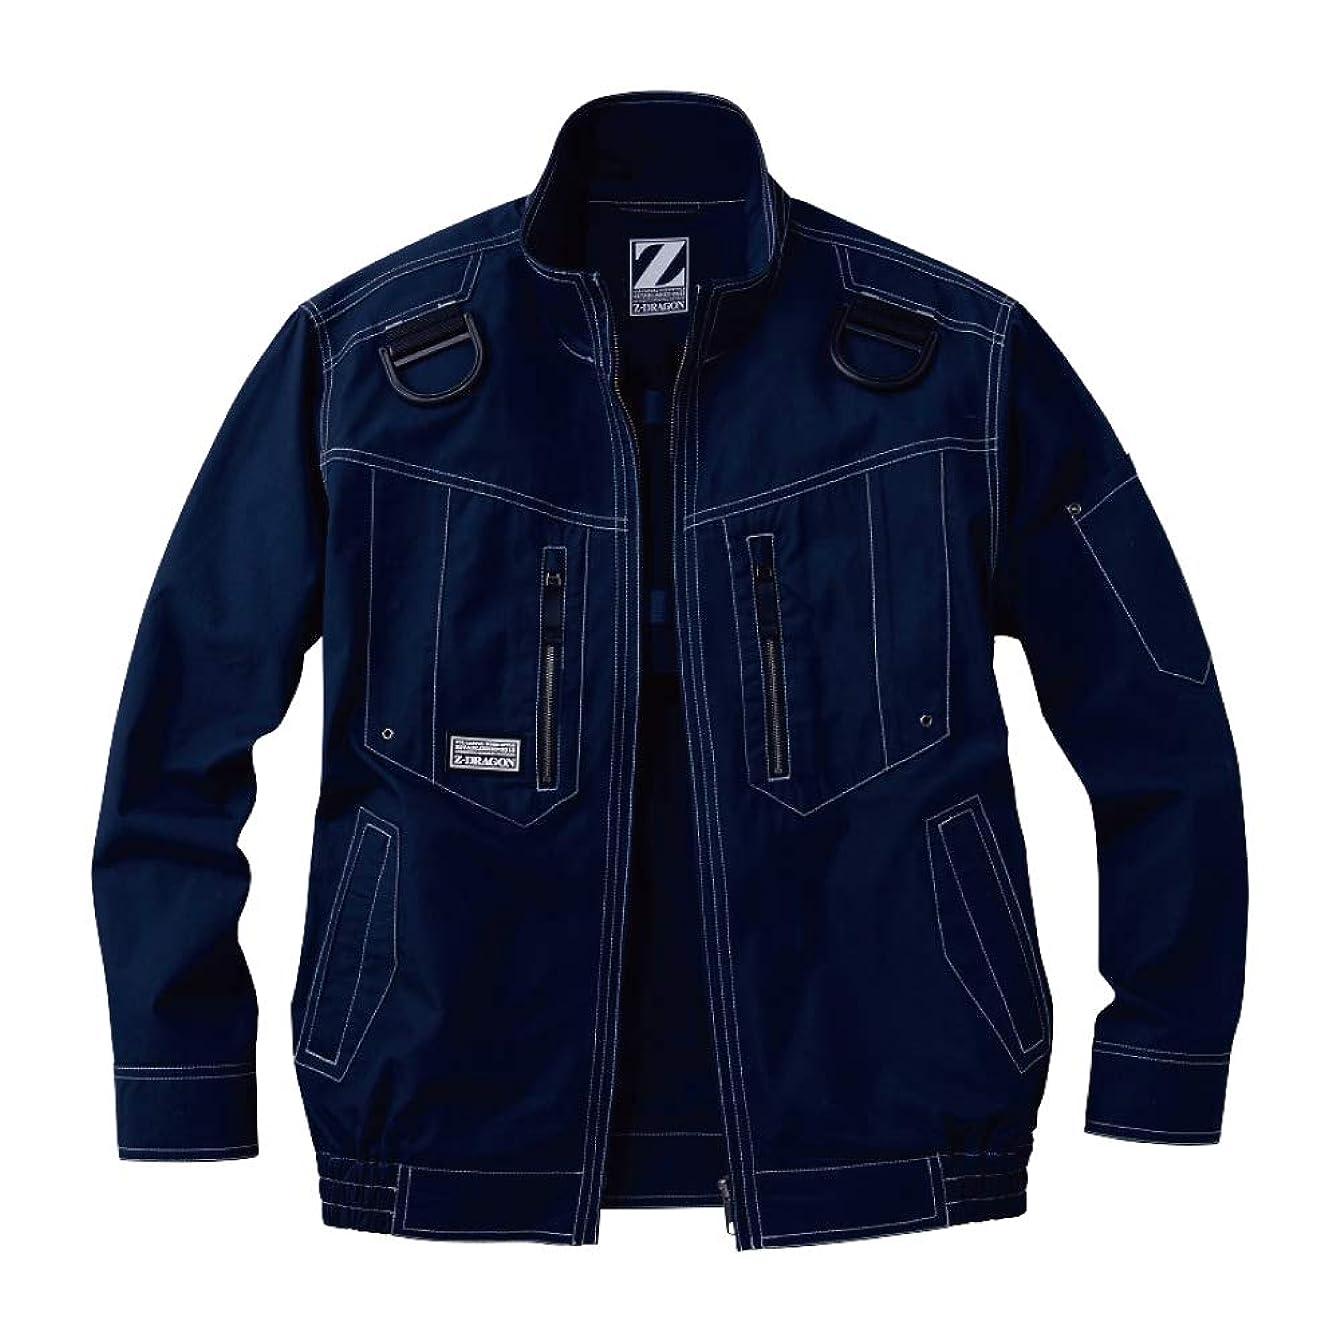 空調服 (服のみ) Z-DRAGON ジードラゴン 長袖 ブルゾン フルハーネス対応 綿100% 74110